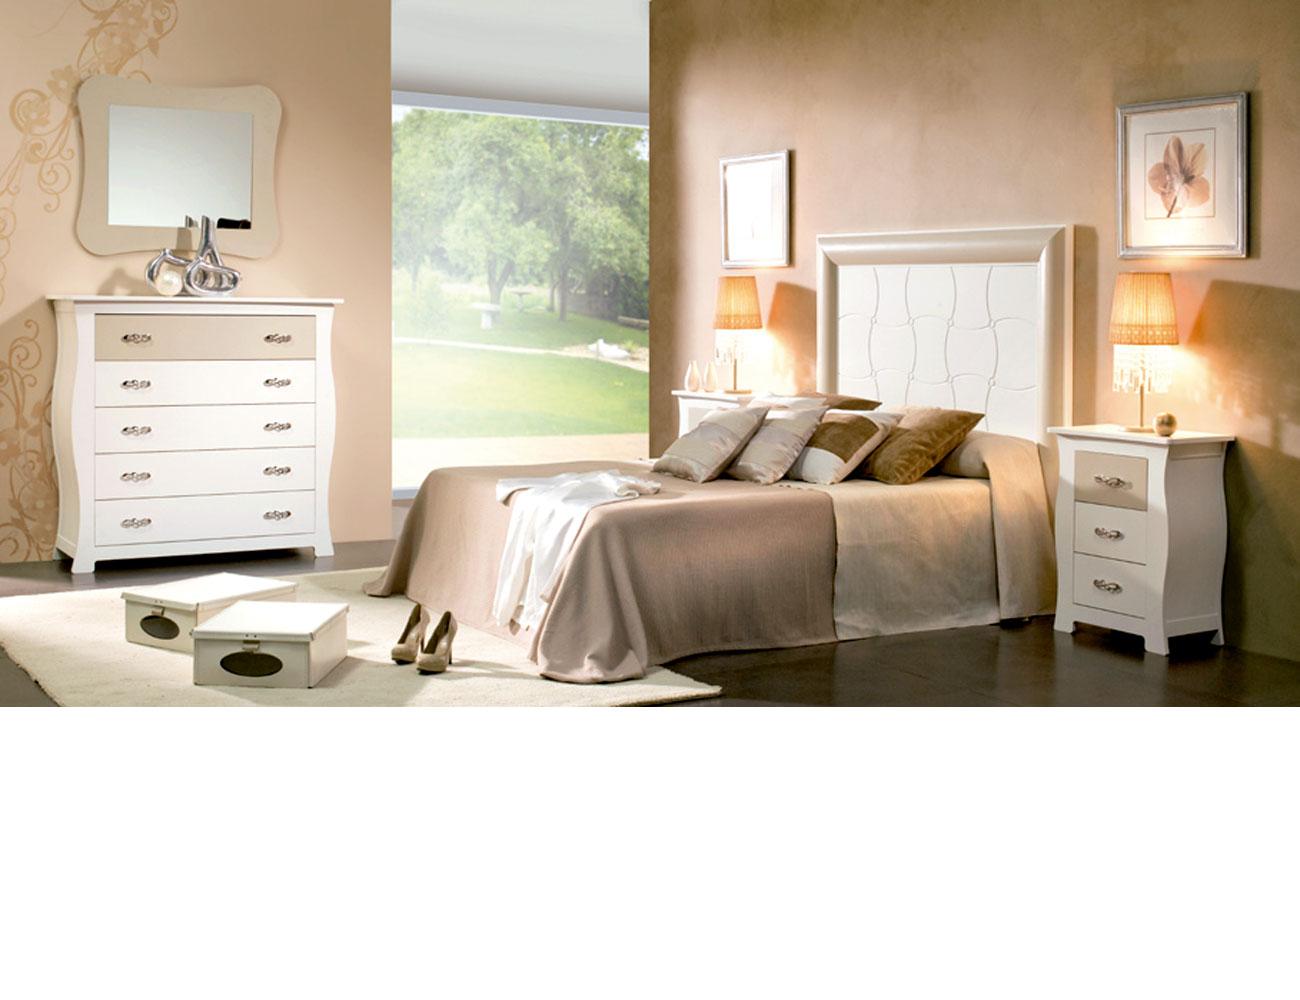 Dormitorio matrimonio cabecero grabado capitone comoda color 504 5061